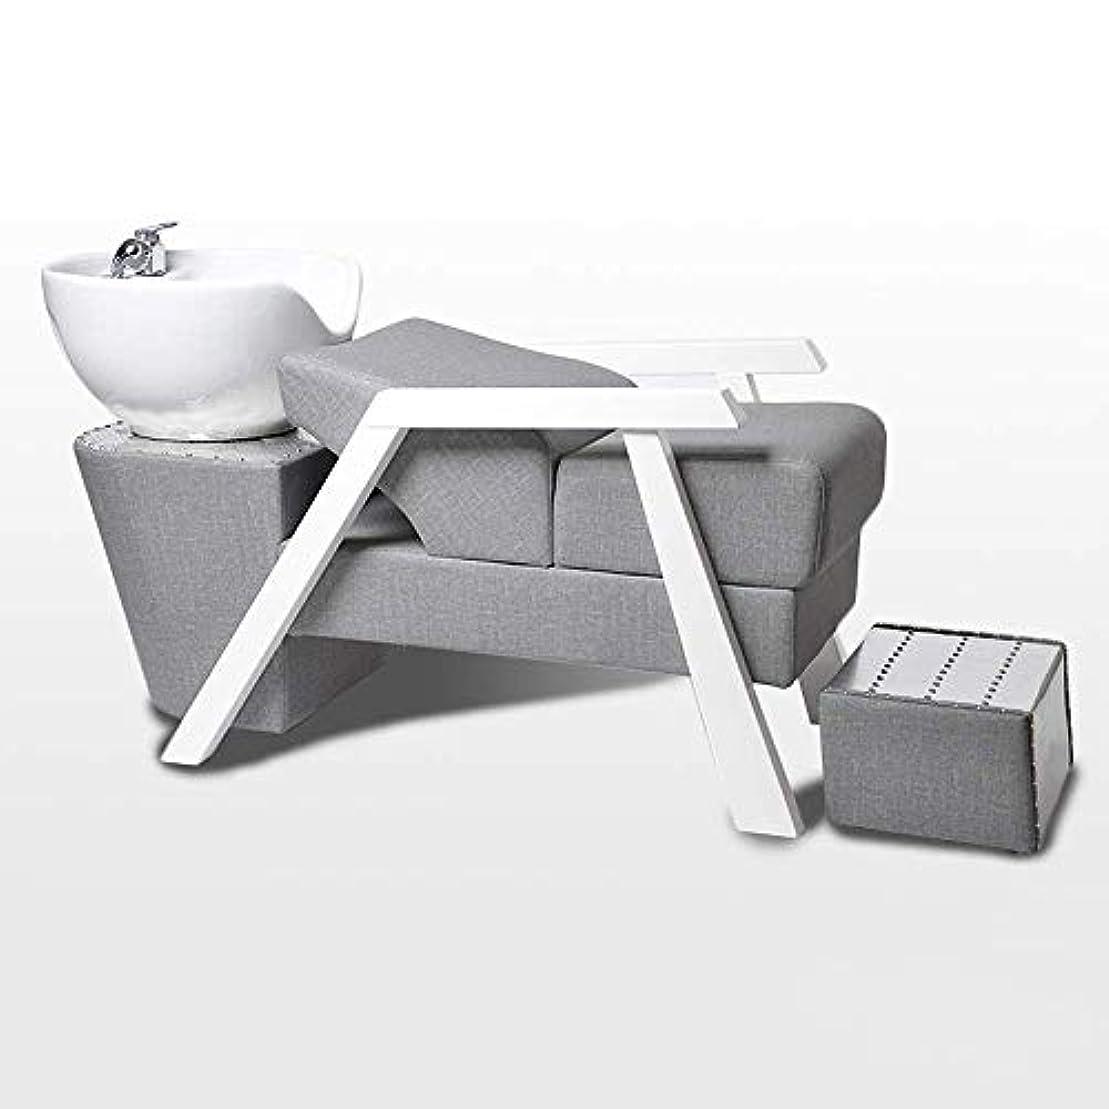 首気候逮捕シャンプーチェア、鉱泉の美容院装置のための簡単な同じ高さのベッドのシャンプーボールの理髪の流しの椅子